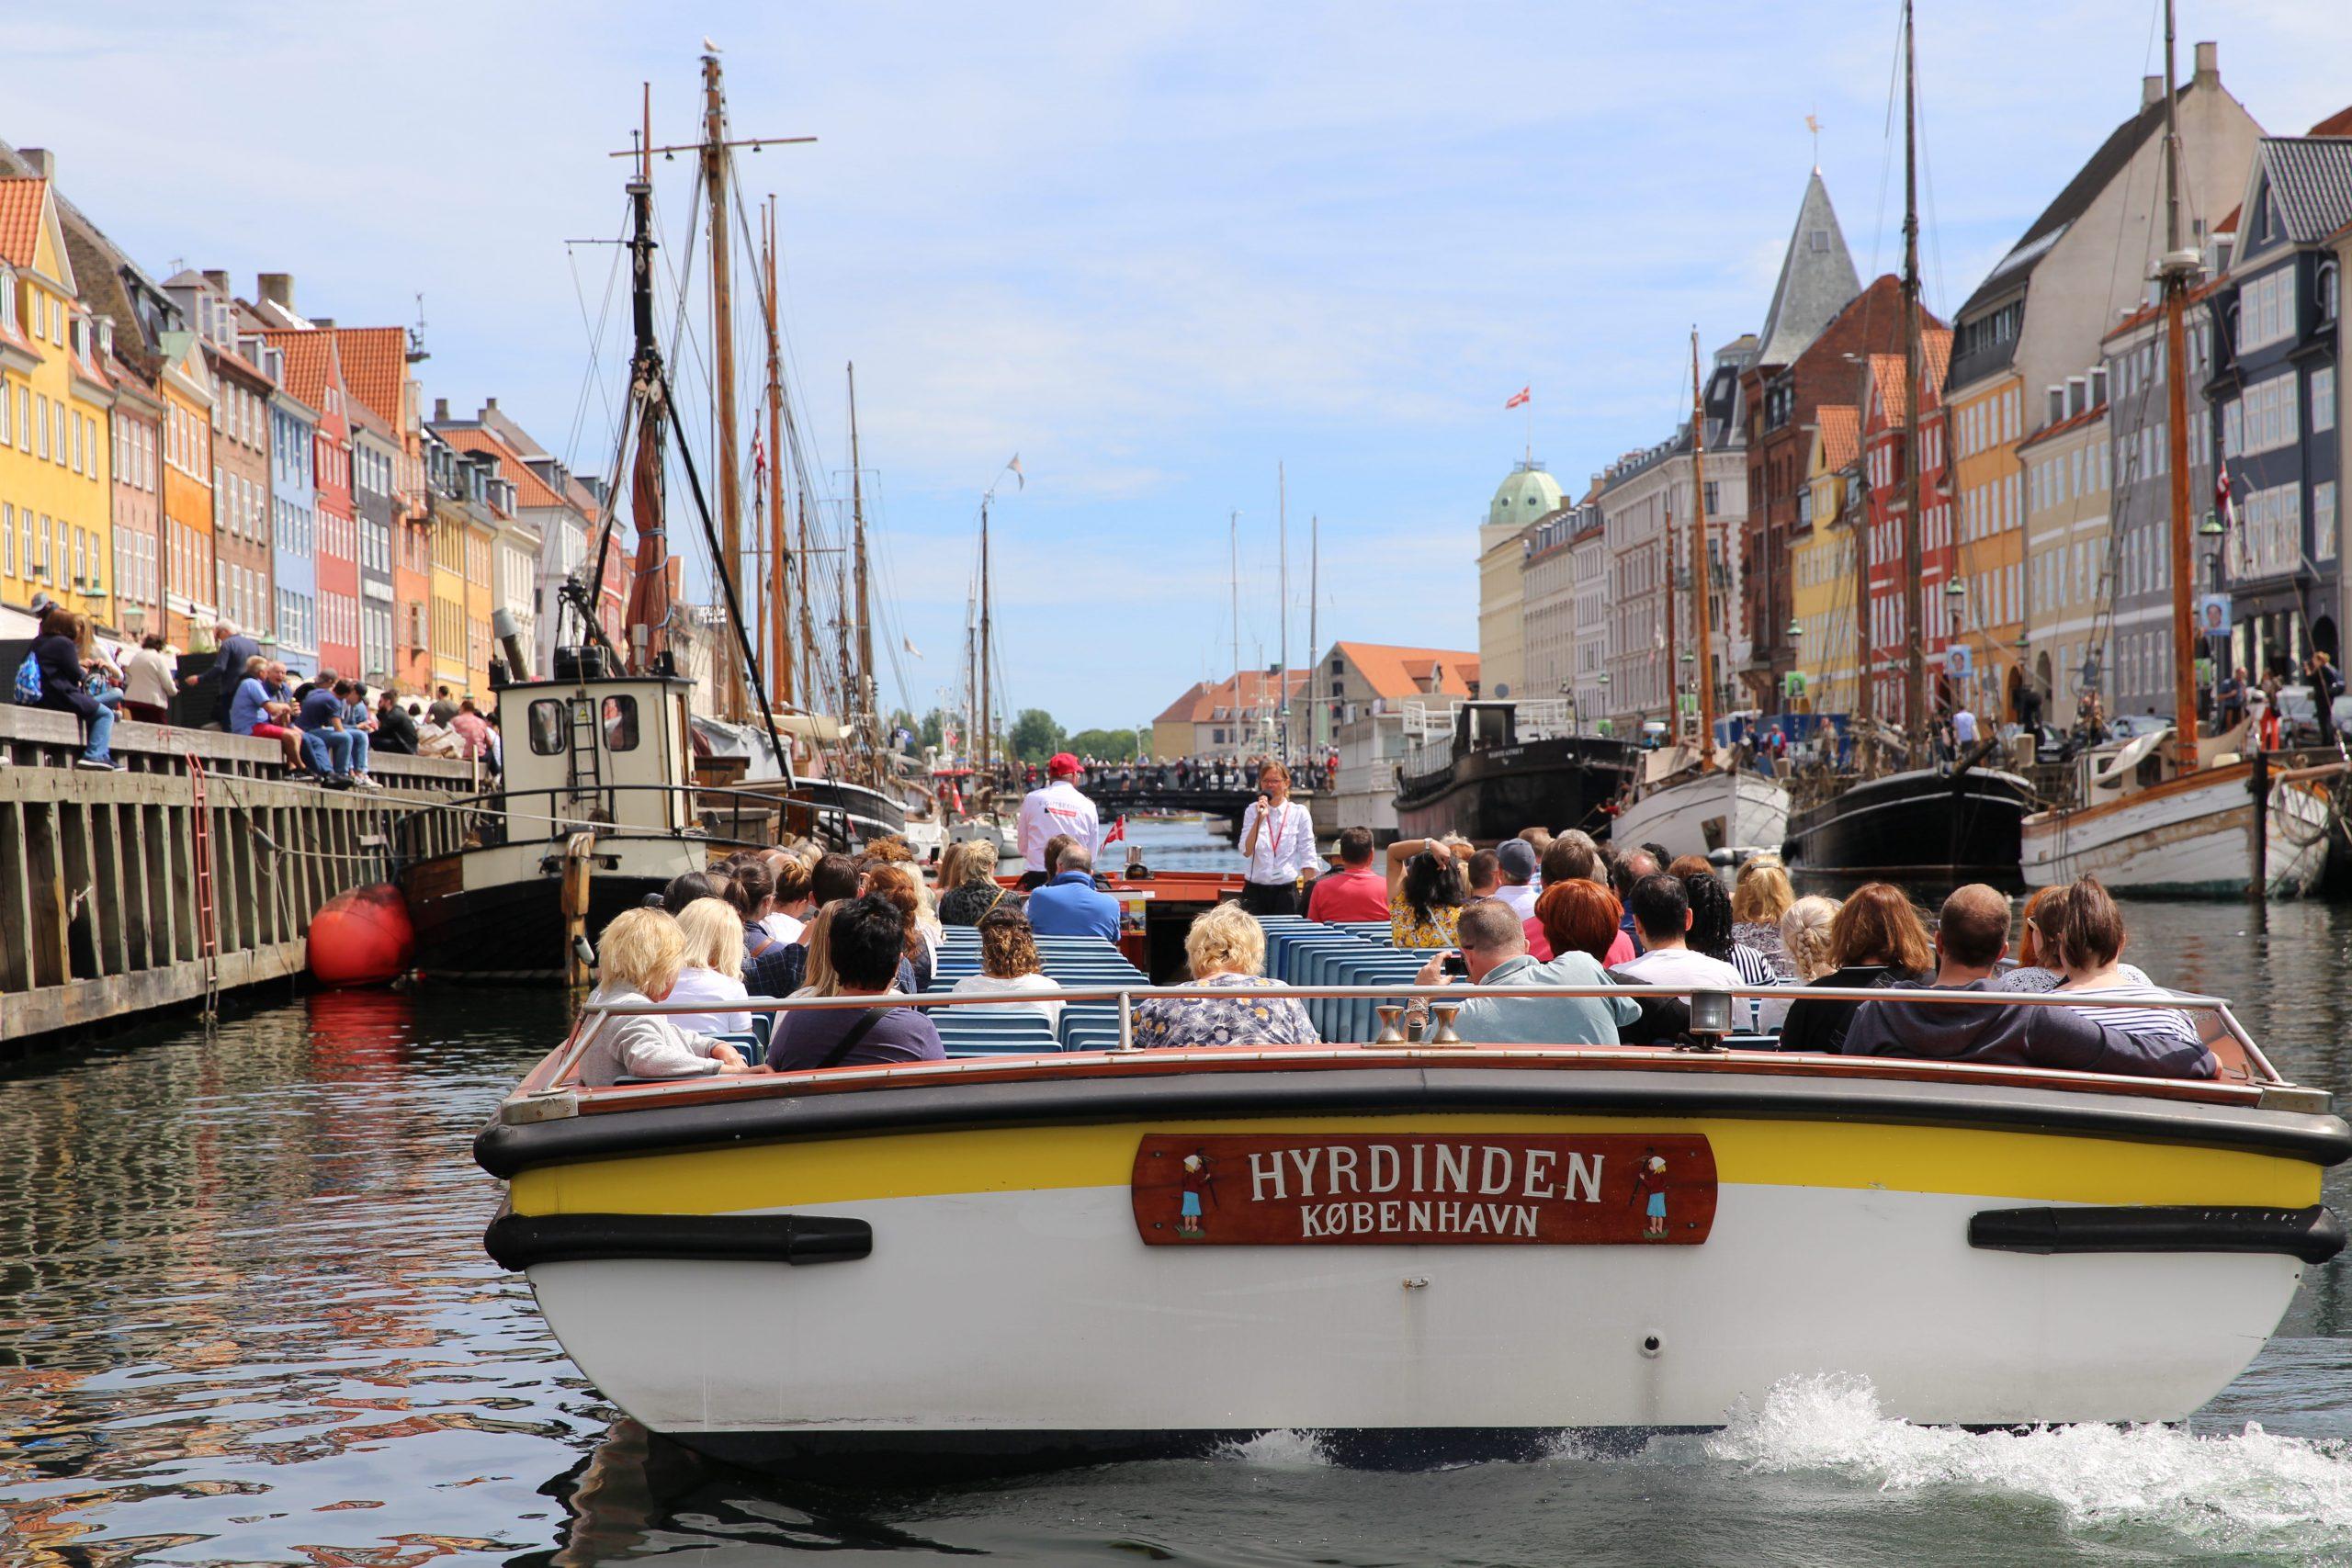 Udenlandske turister begynder igen at gøre sig klar til at besøge København. Et nordirsk rejsebureau har netop præsenteret en rejse med fire overnatninger til september. Arkivpressefoto fra Stromma Canal Tours Copenhagen.